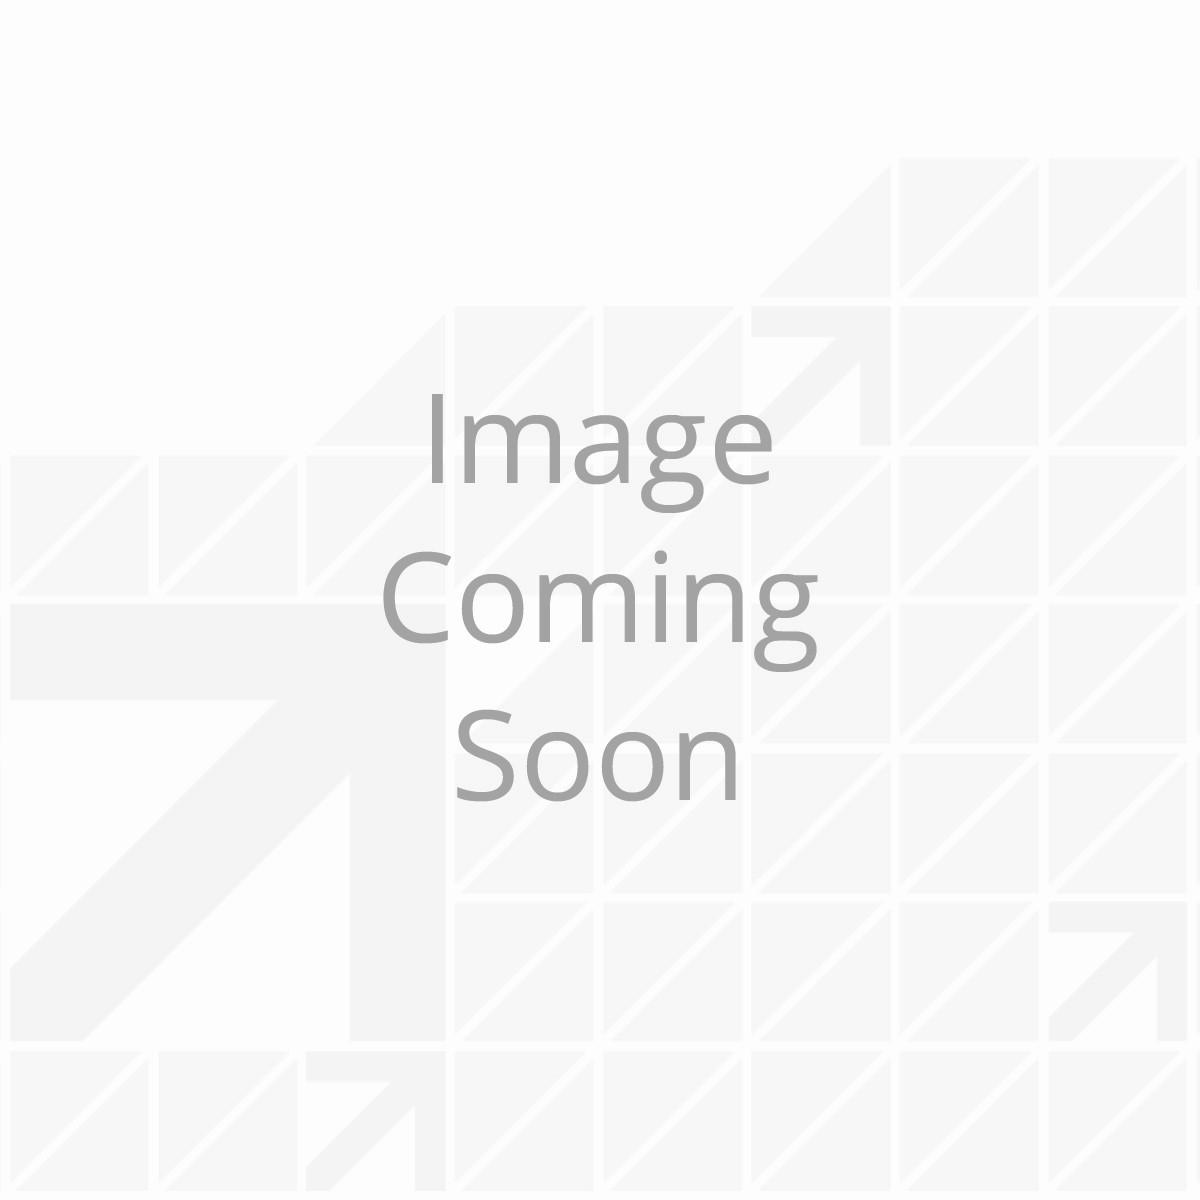 hinge-ramp-door-6-68-l-x-4-w-aluminum-finish